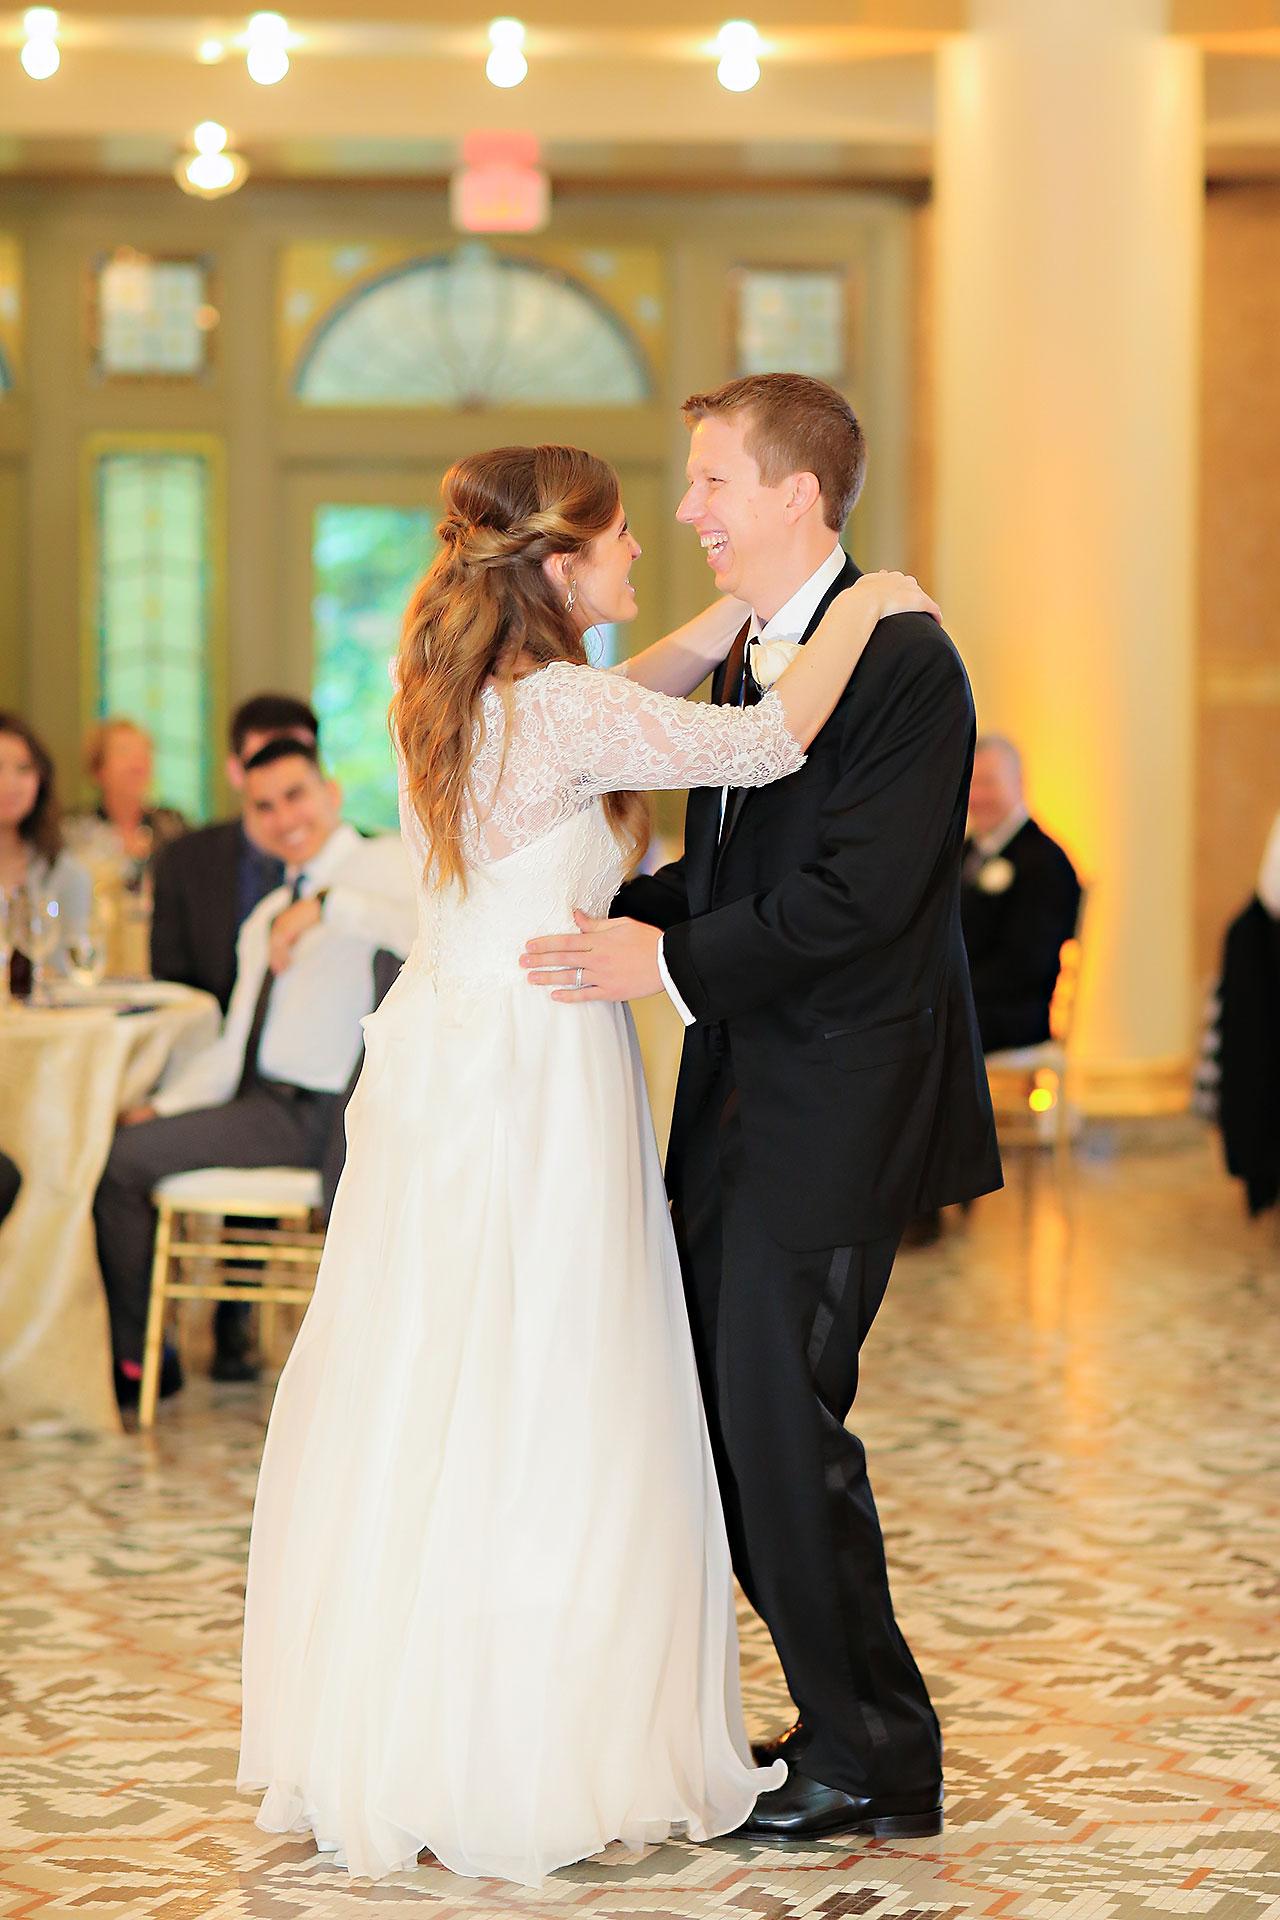 Chelsea Jeff West Baden Wedding 314